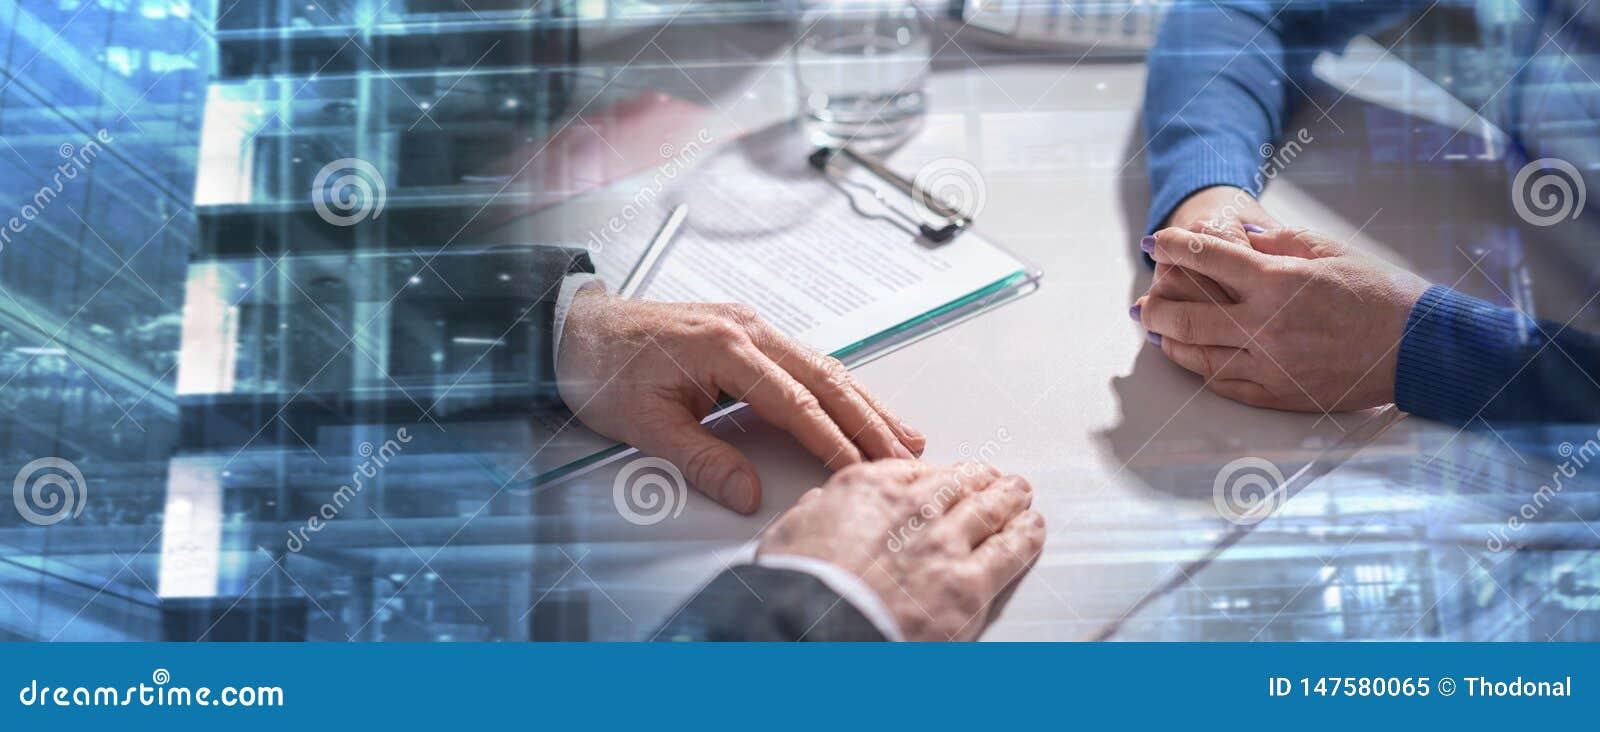 Affärsförhandling mellan affärskvinnan och affärsmannen; mult